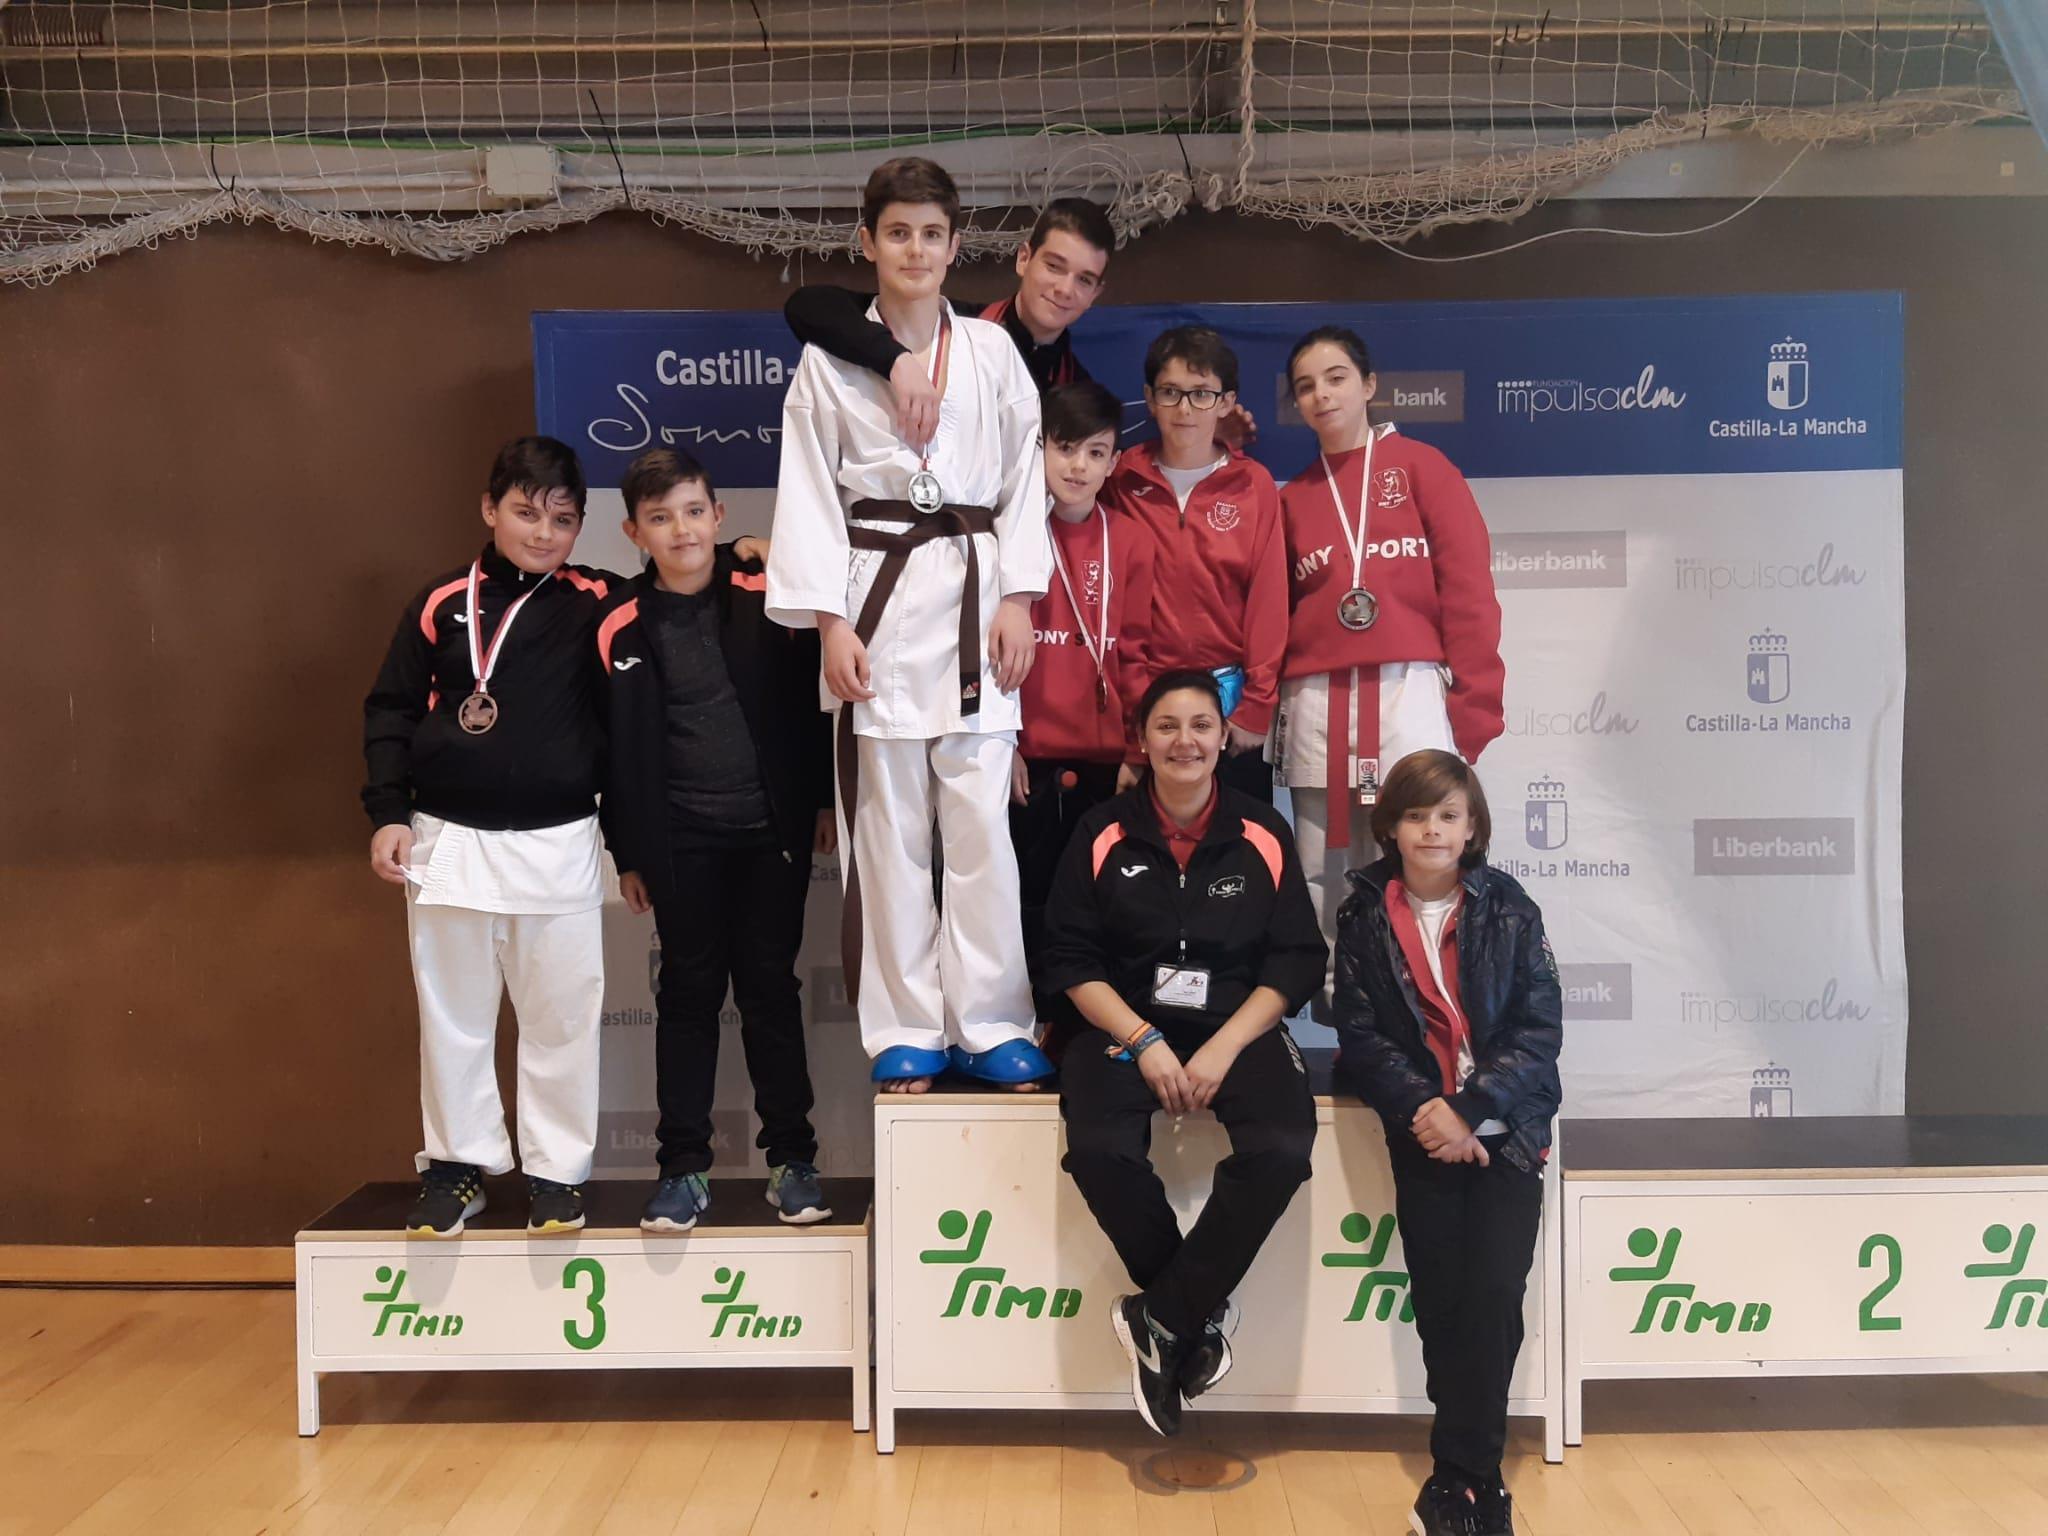 Gran papel del Tony-Sport en el Campeonato de Castilla-La Mancha de Karate Escolar